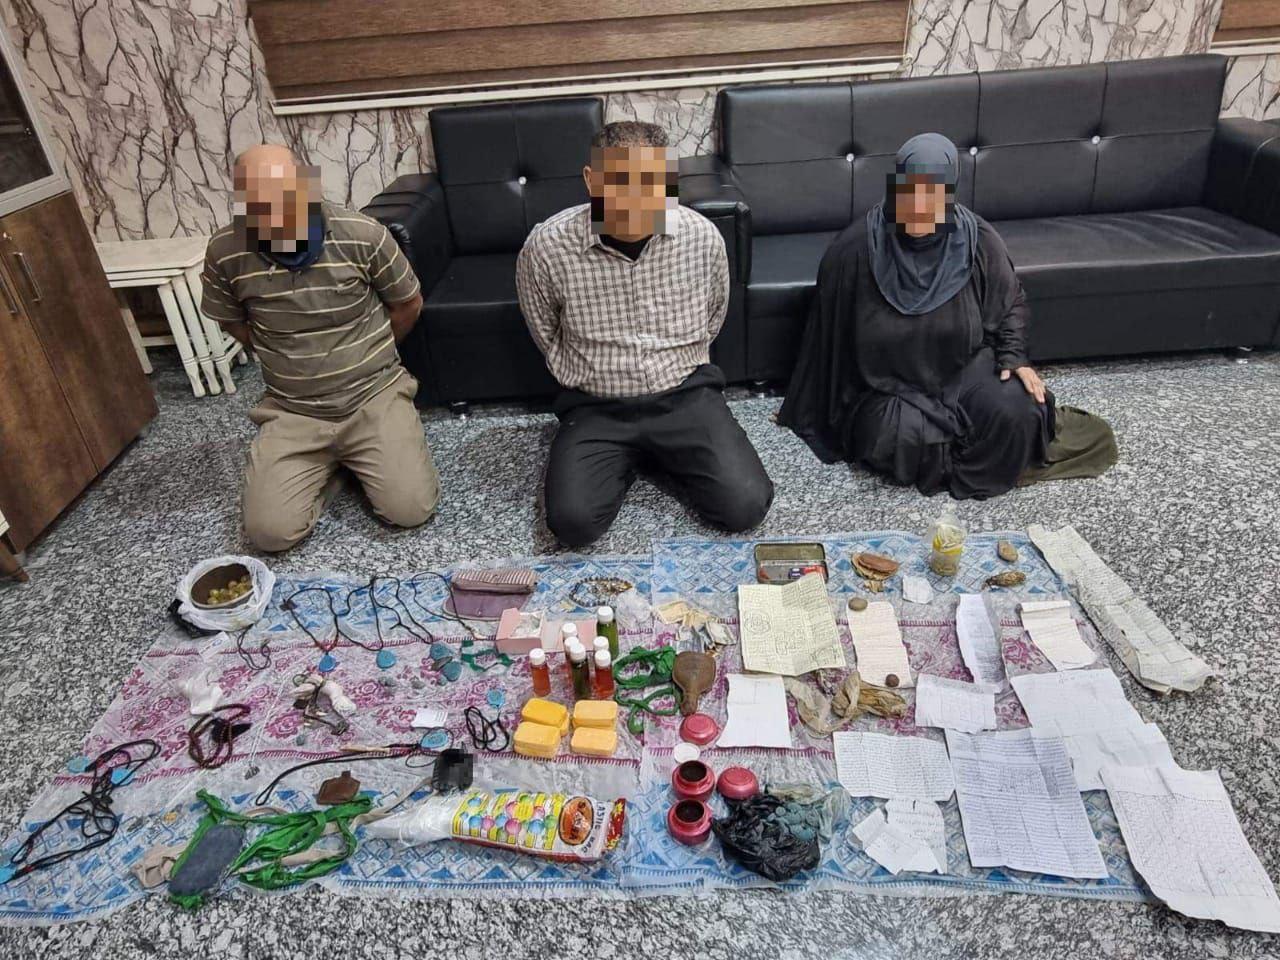 شرطة نينوى تلقي القبض على مشعوذين يقومون باعمال منافية للأخلاق